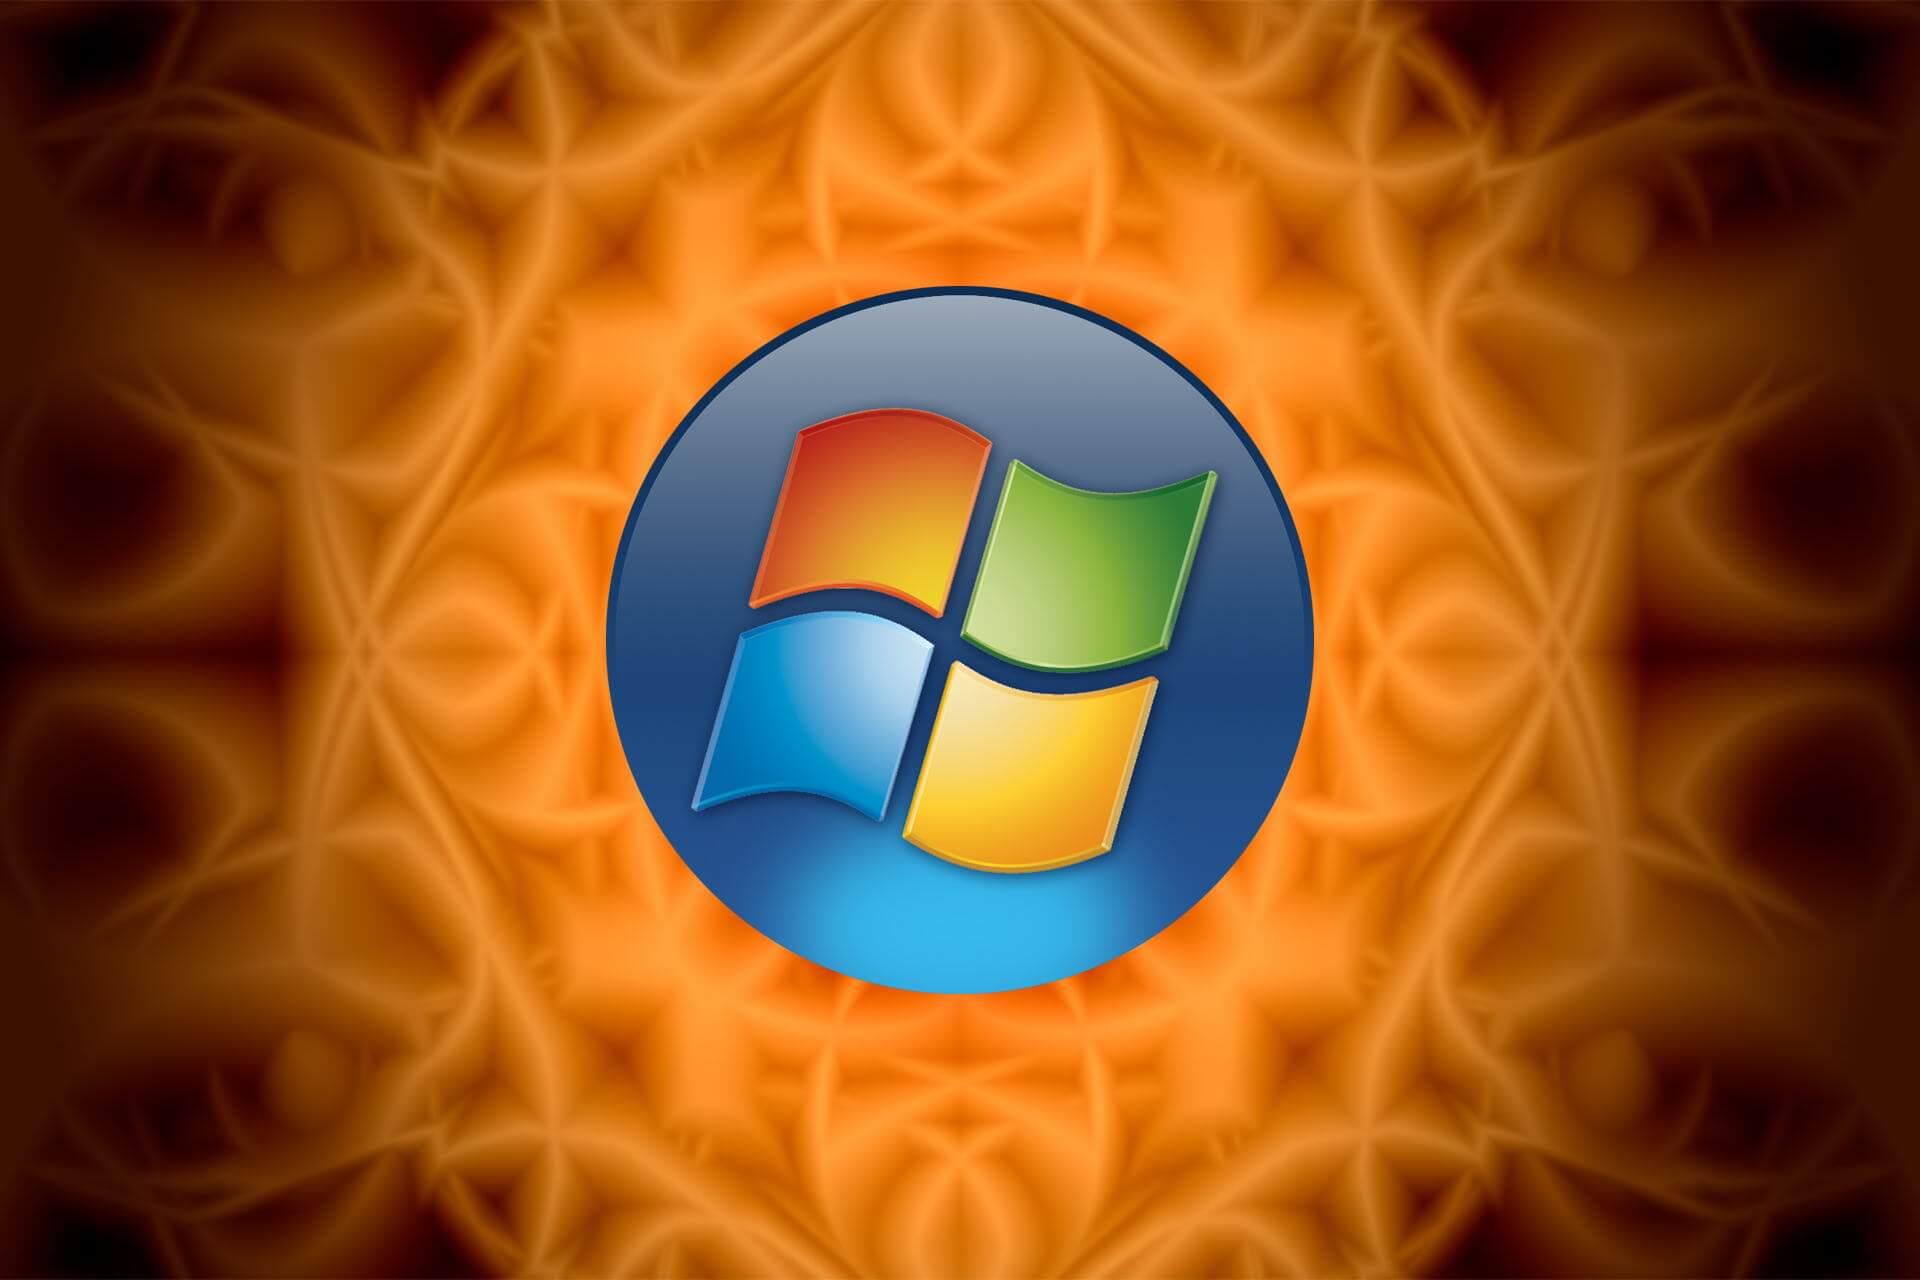 VCOMP140.DLL錯誤 Windows 10